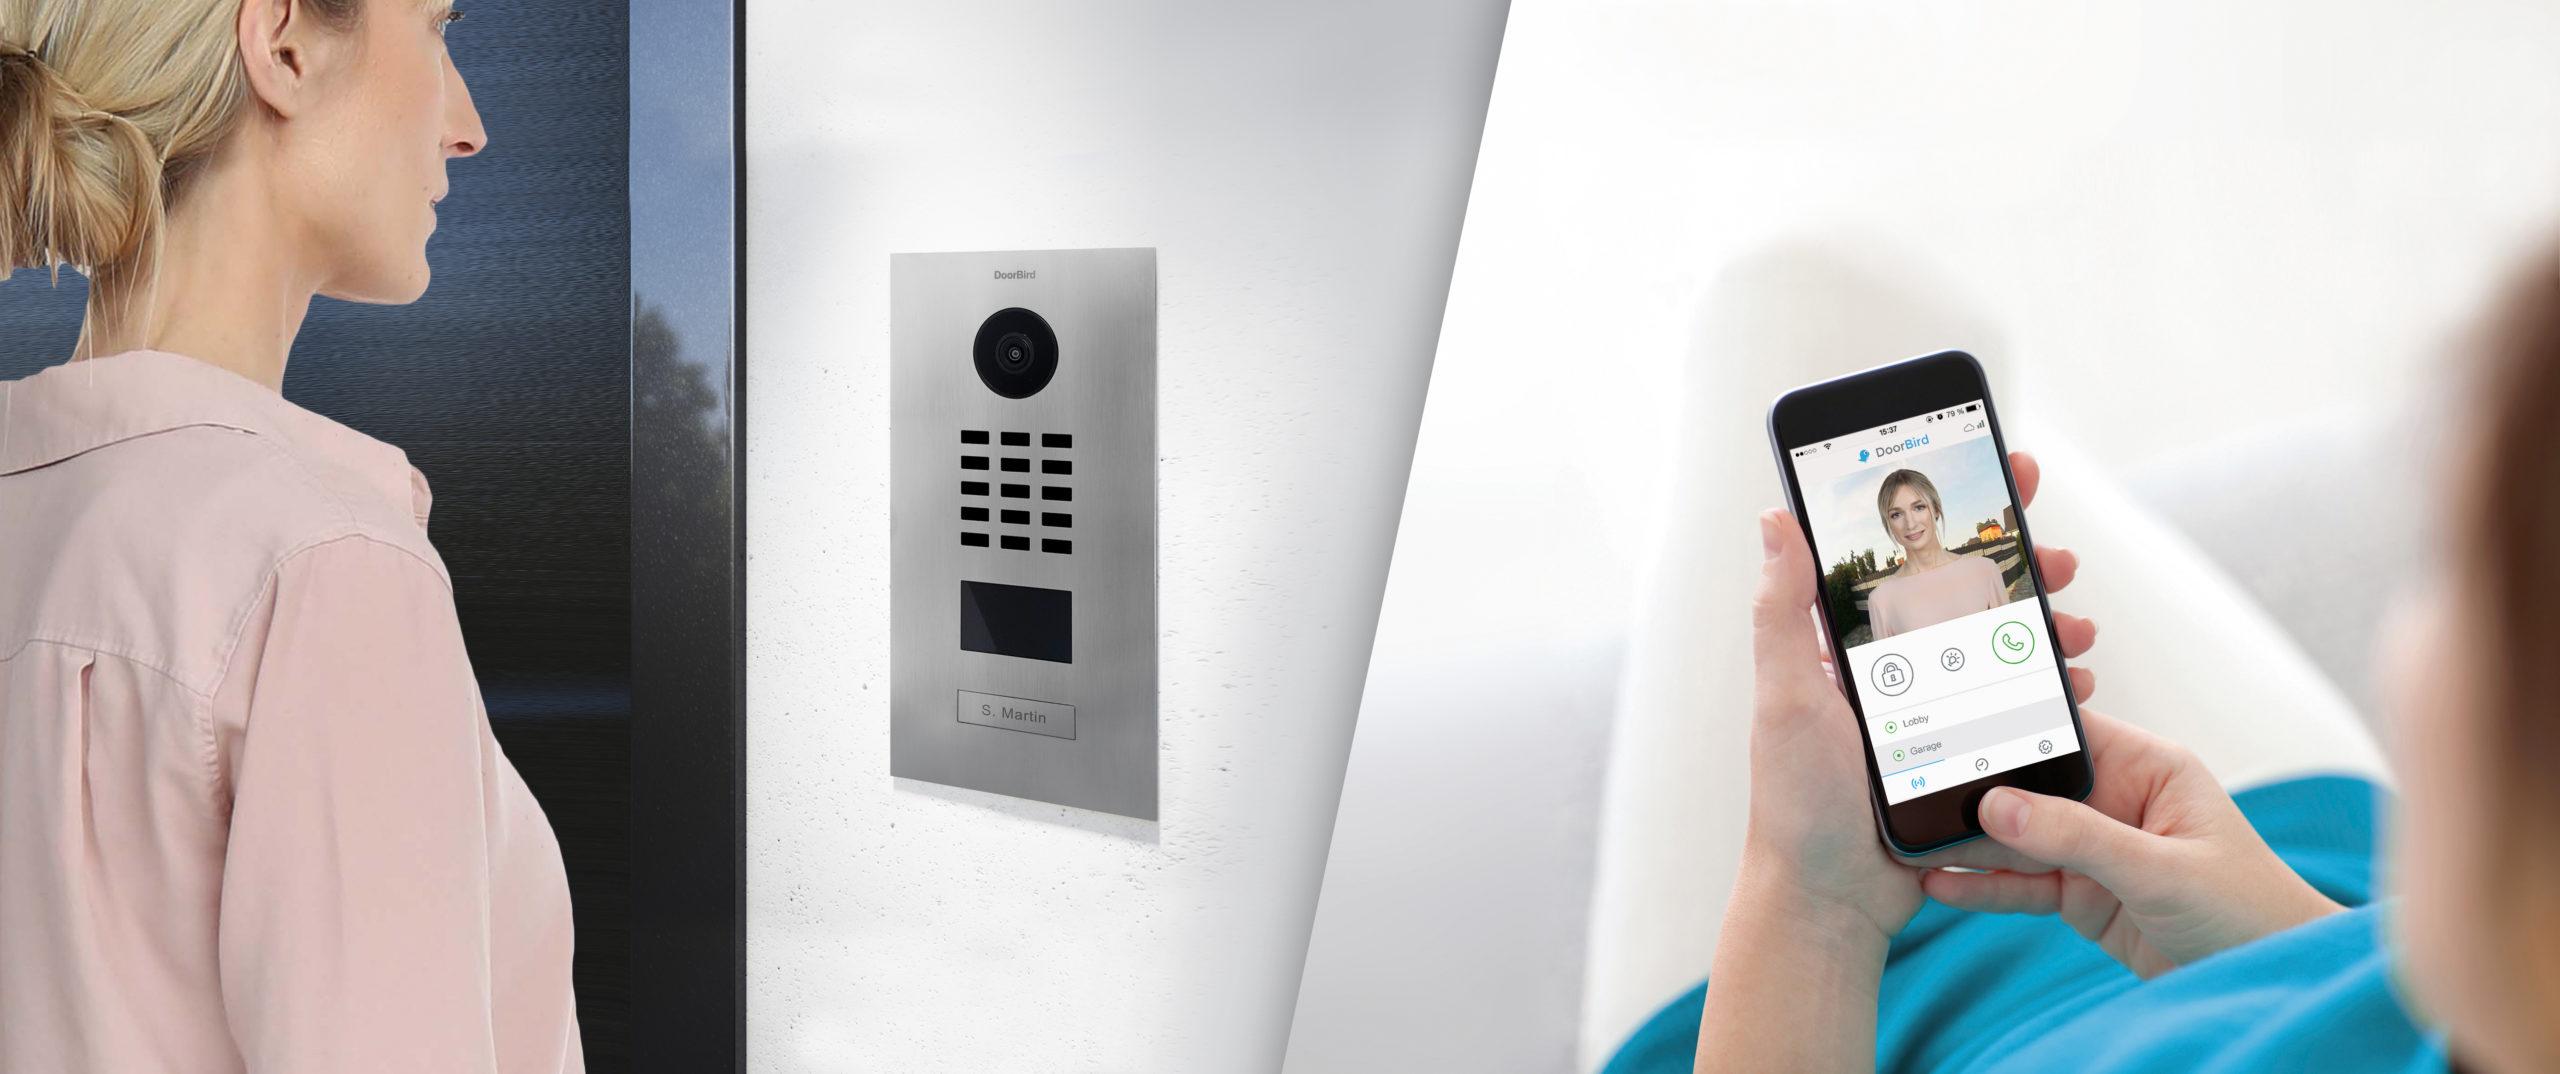 DoorBird: Un Interphone Vidéo Wifi Ou PoE 100% Connecté